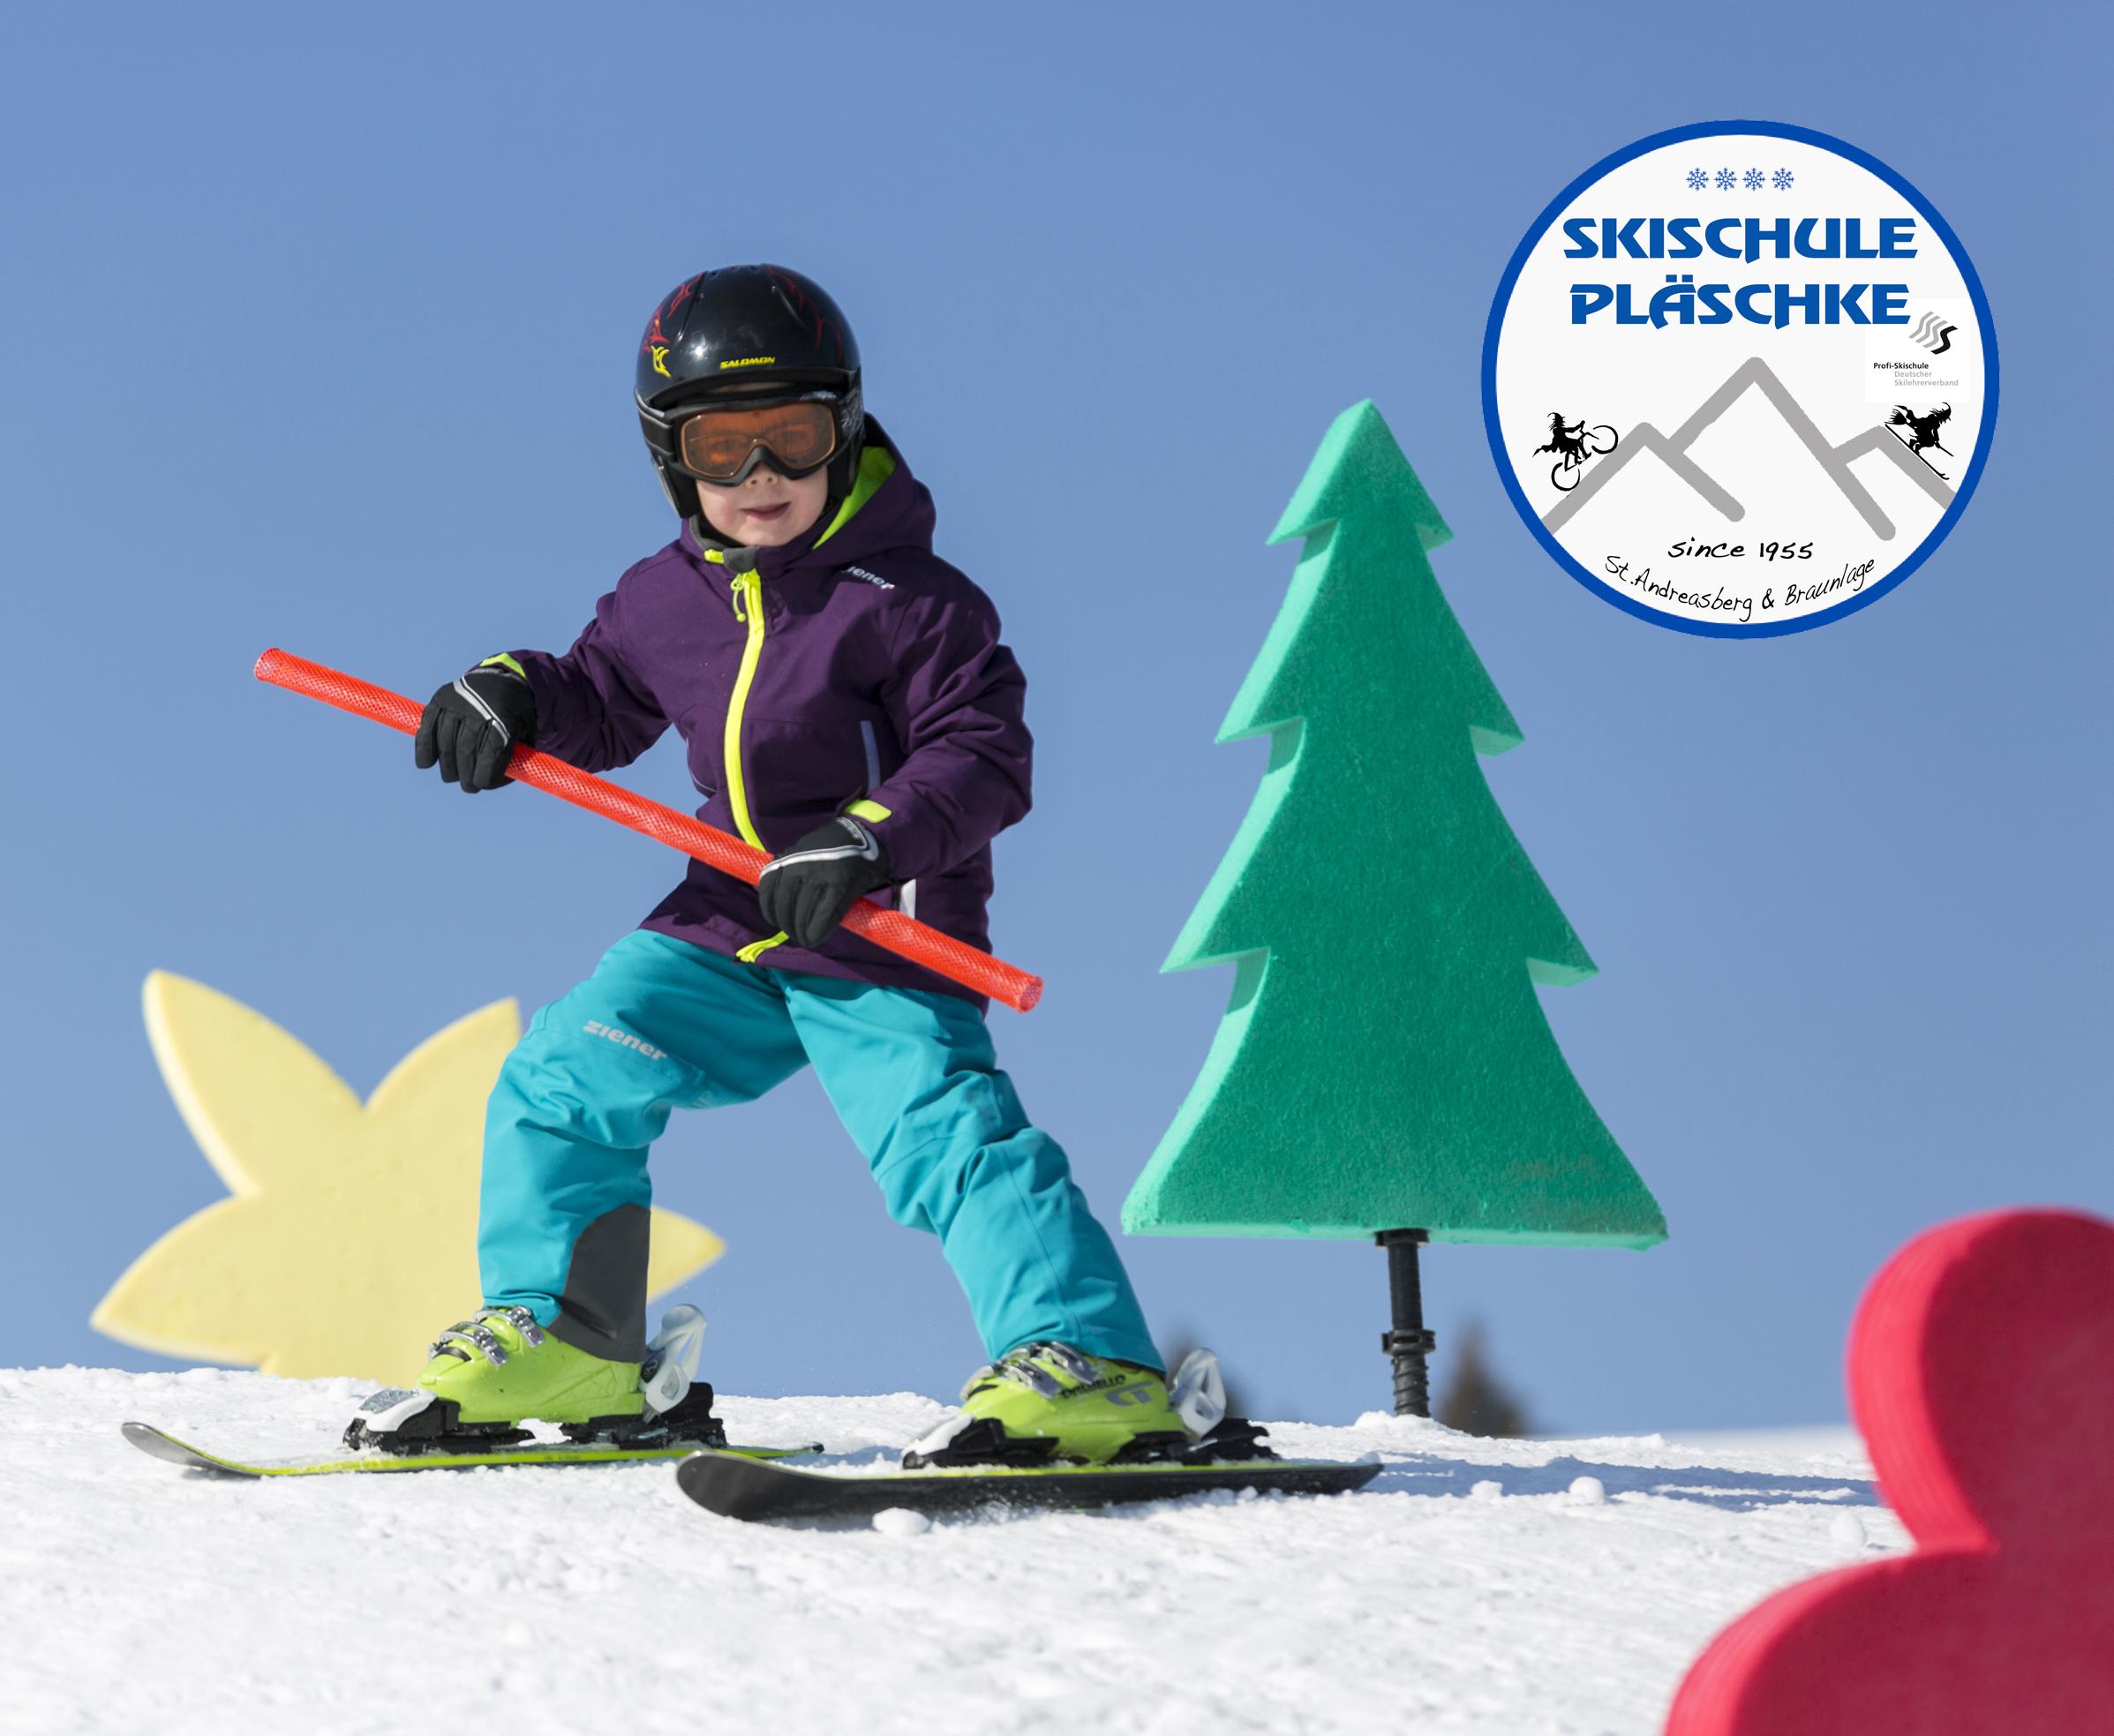 Skischule Pläschke 4.jpg